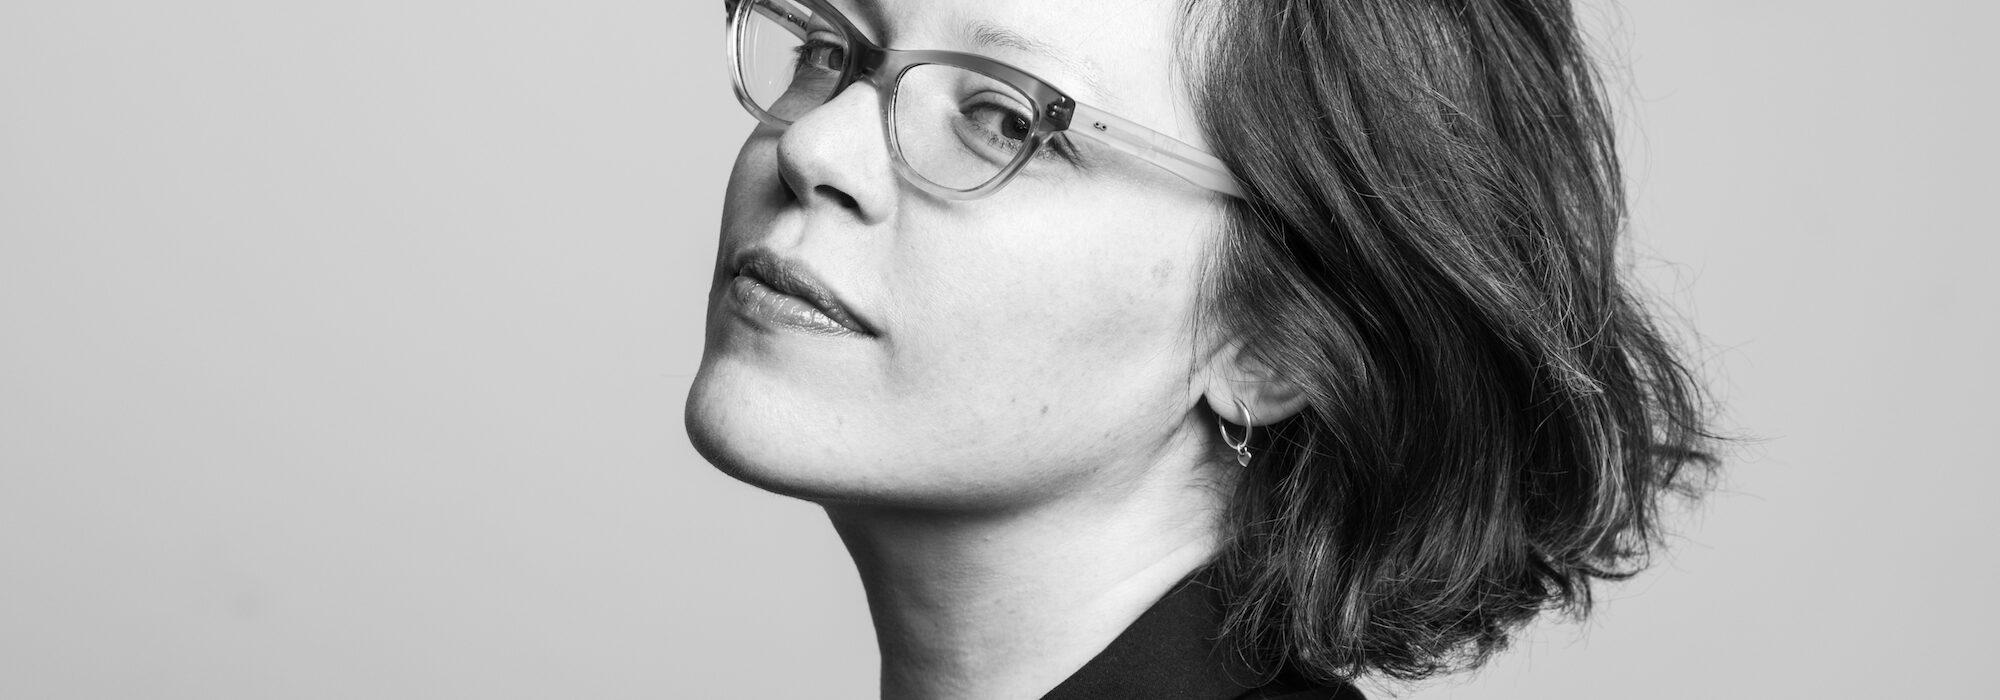 MARINA YUSCZCUK: POESÍA DE LA MADRE SOLTERA